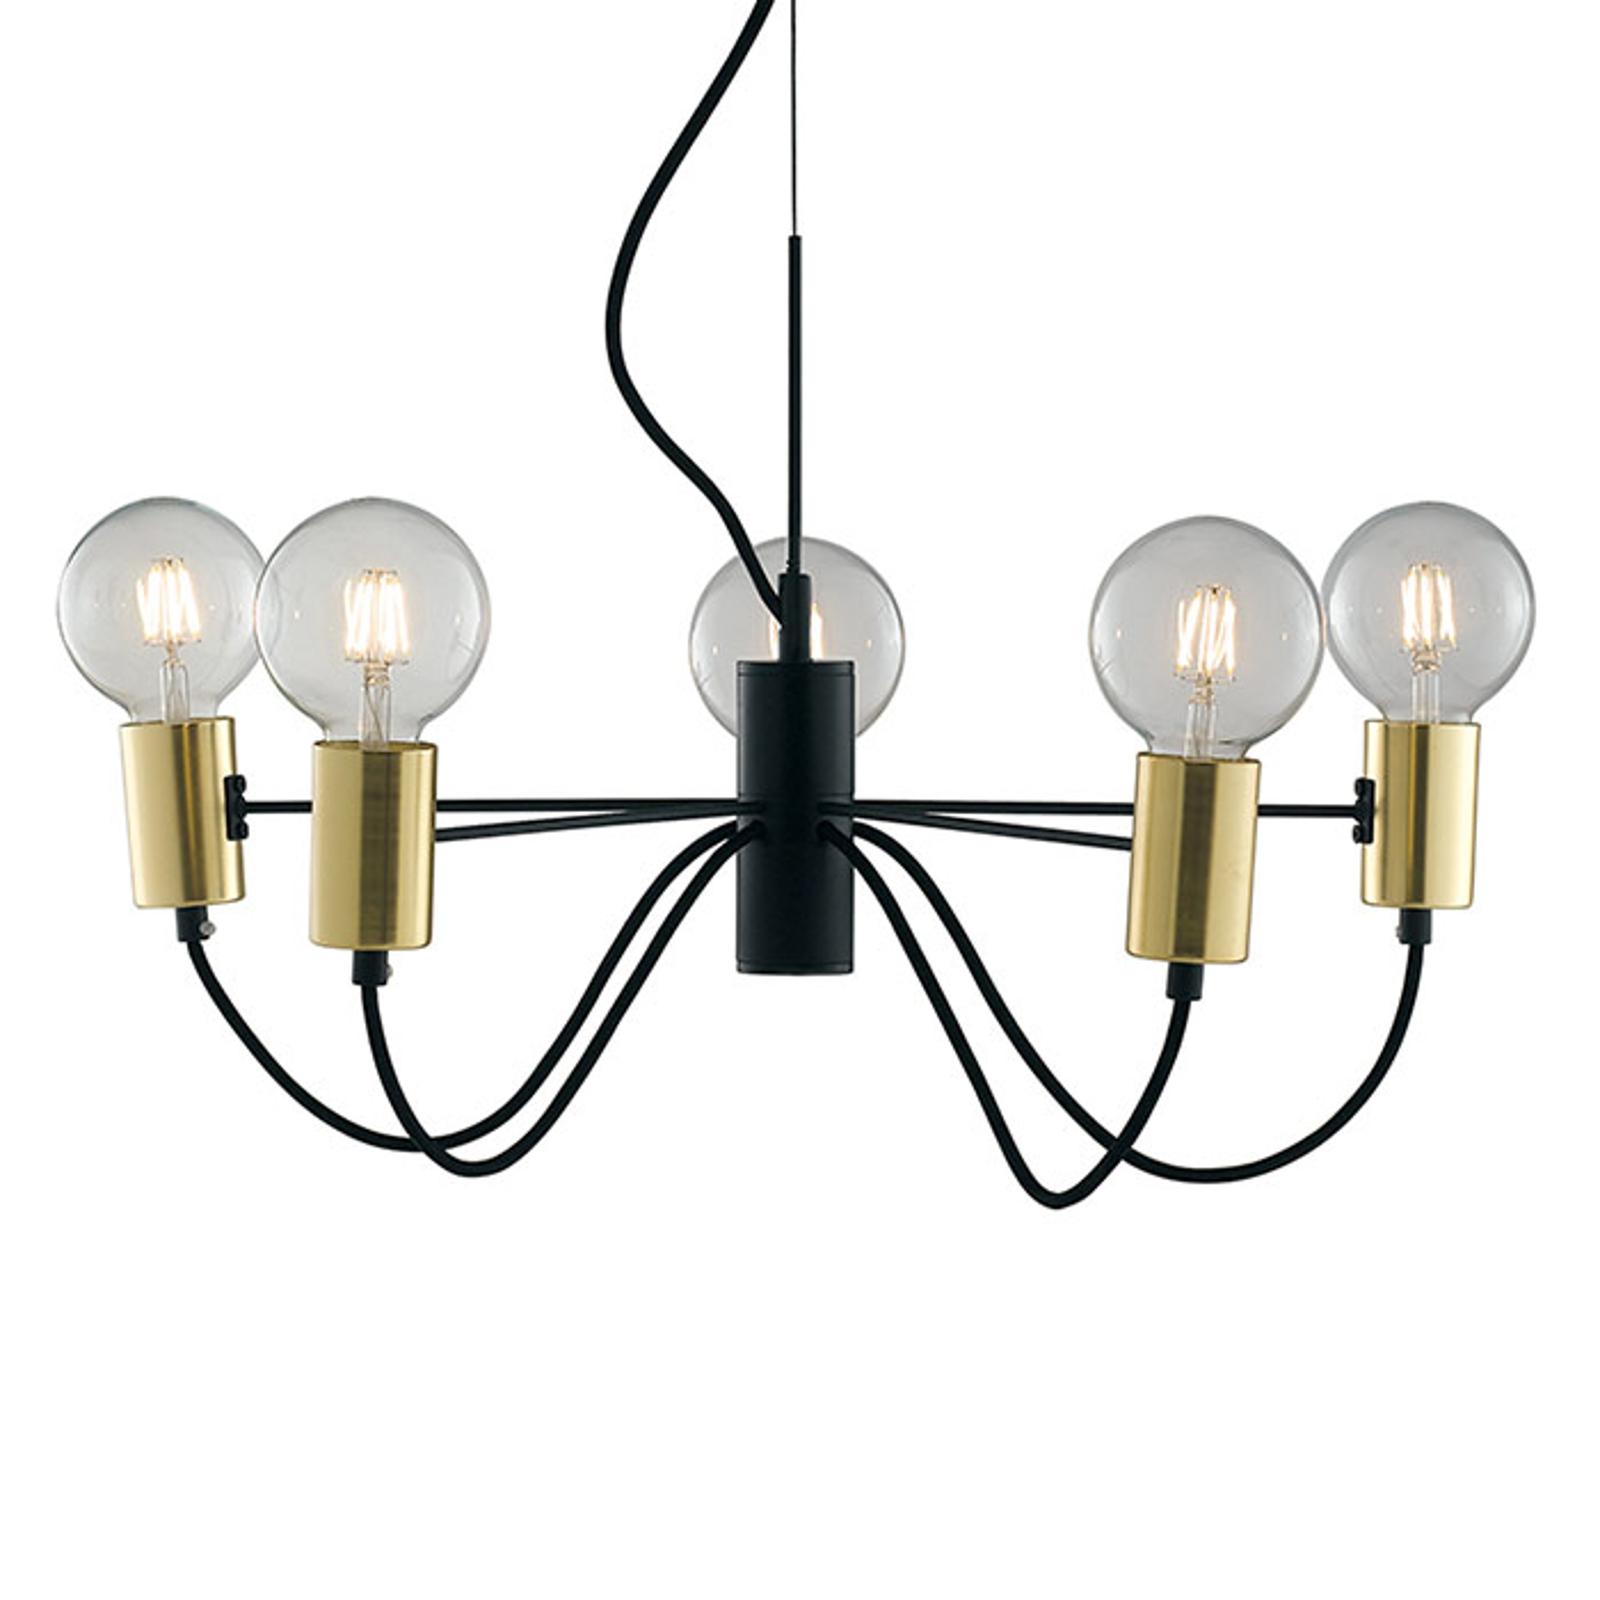 Lampa wisząca Axon 5-punktowa